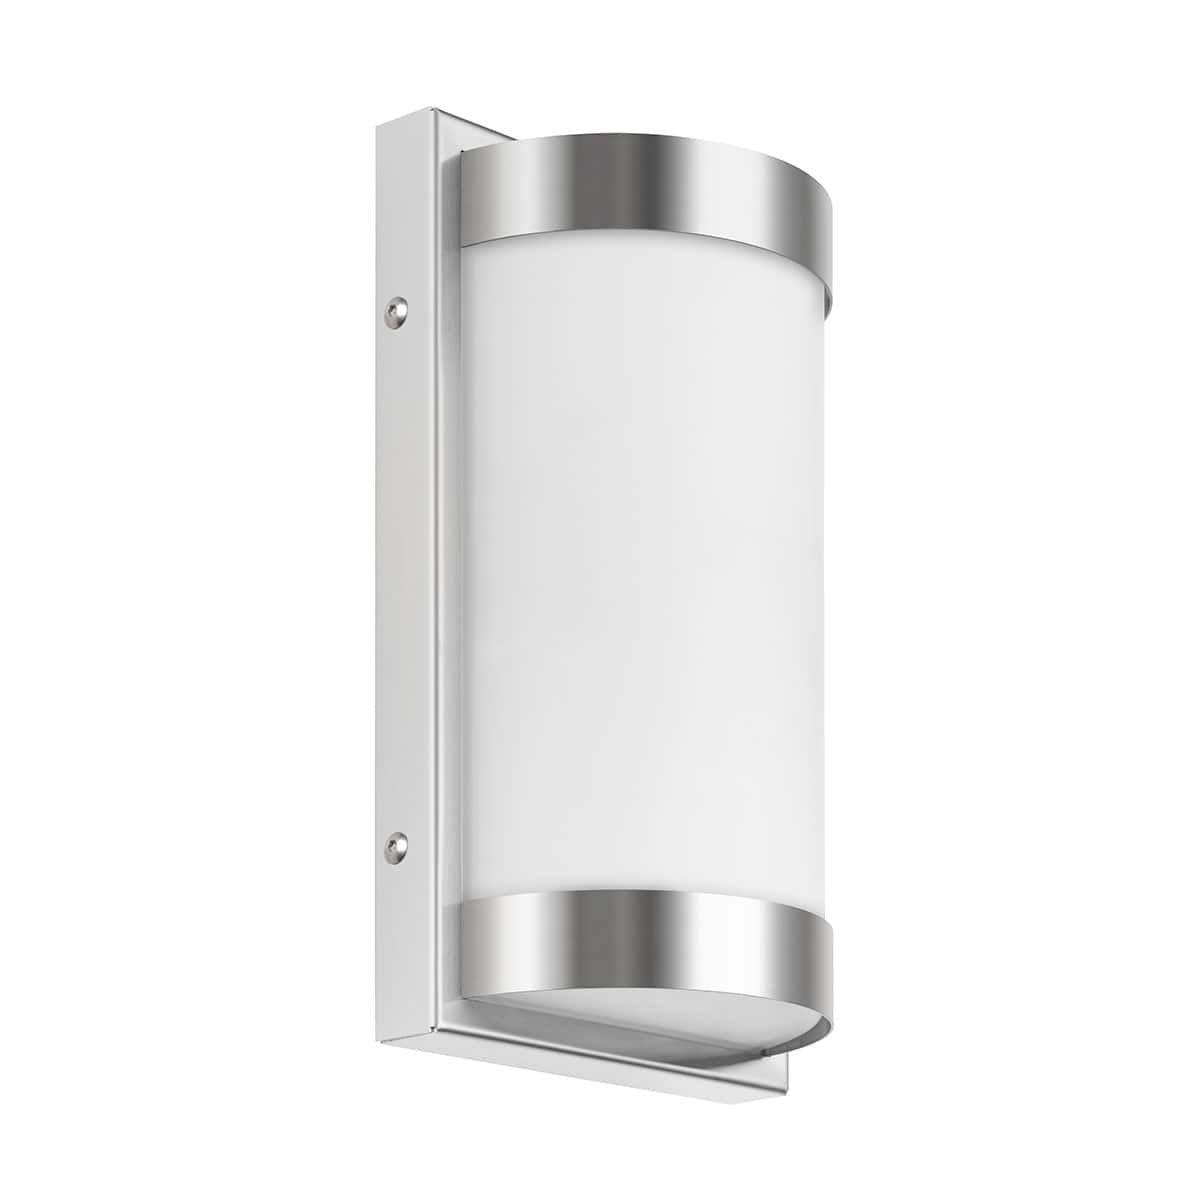 Wandbeleuchtung Batterie Dimmbar Wandspot Wandleuchten Innen Vintage Edelstahl Wandleuchte Wandlampe Bad Mit Schalter In 2020 Wandleuchte Led Edelstahl